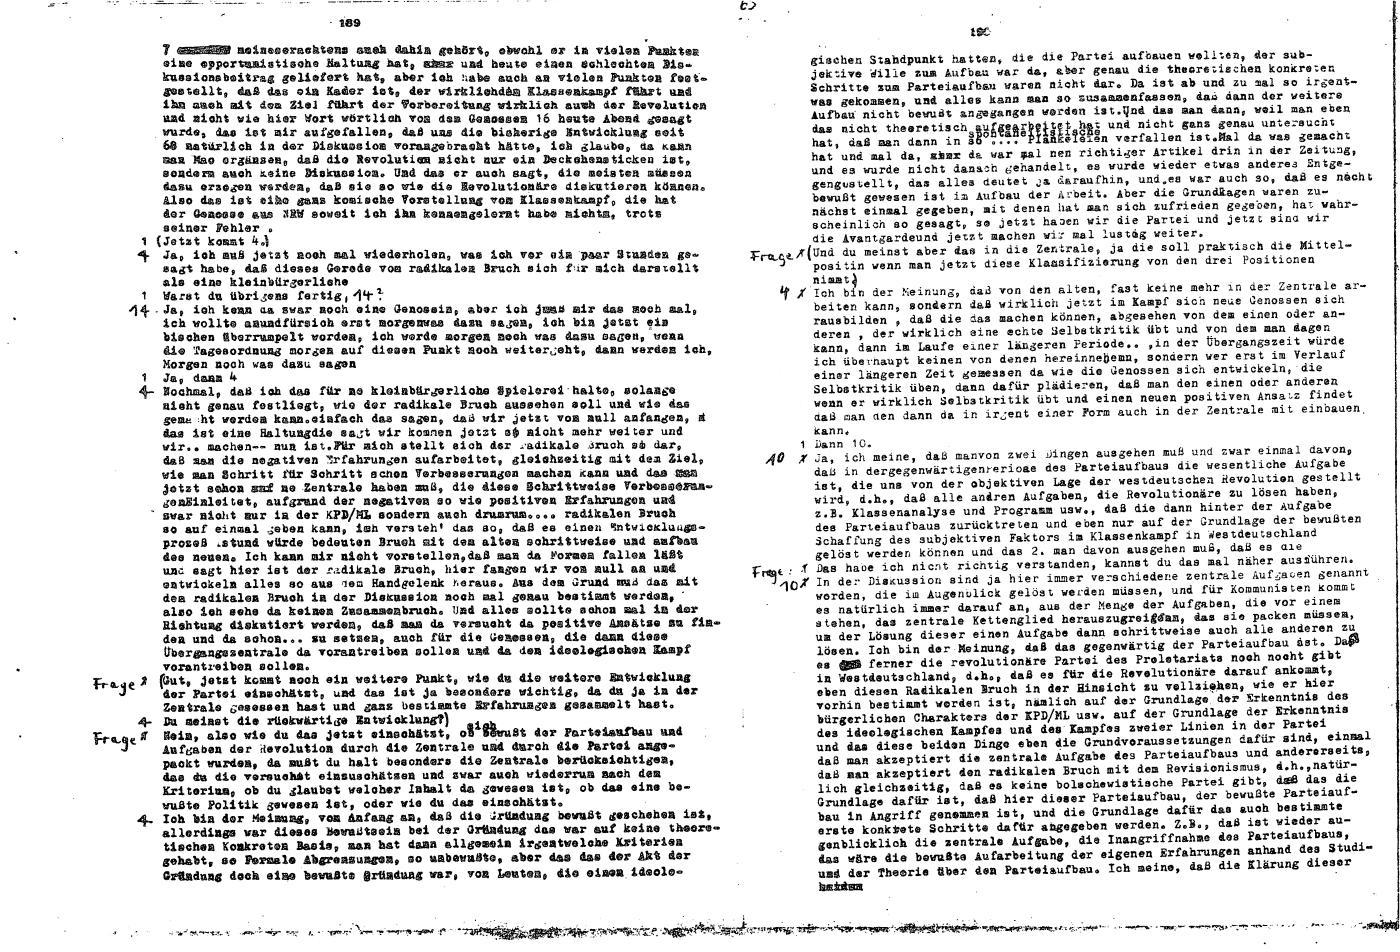 KPDML_1971_Wortprotokolle_aoPt_093